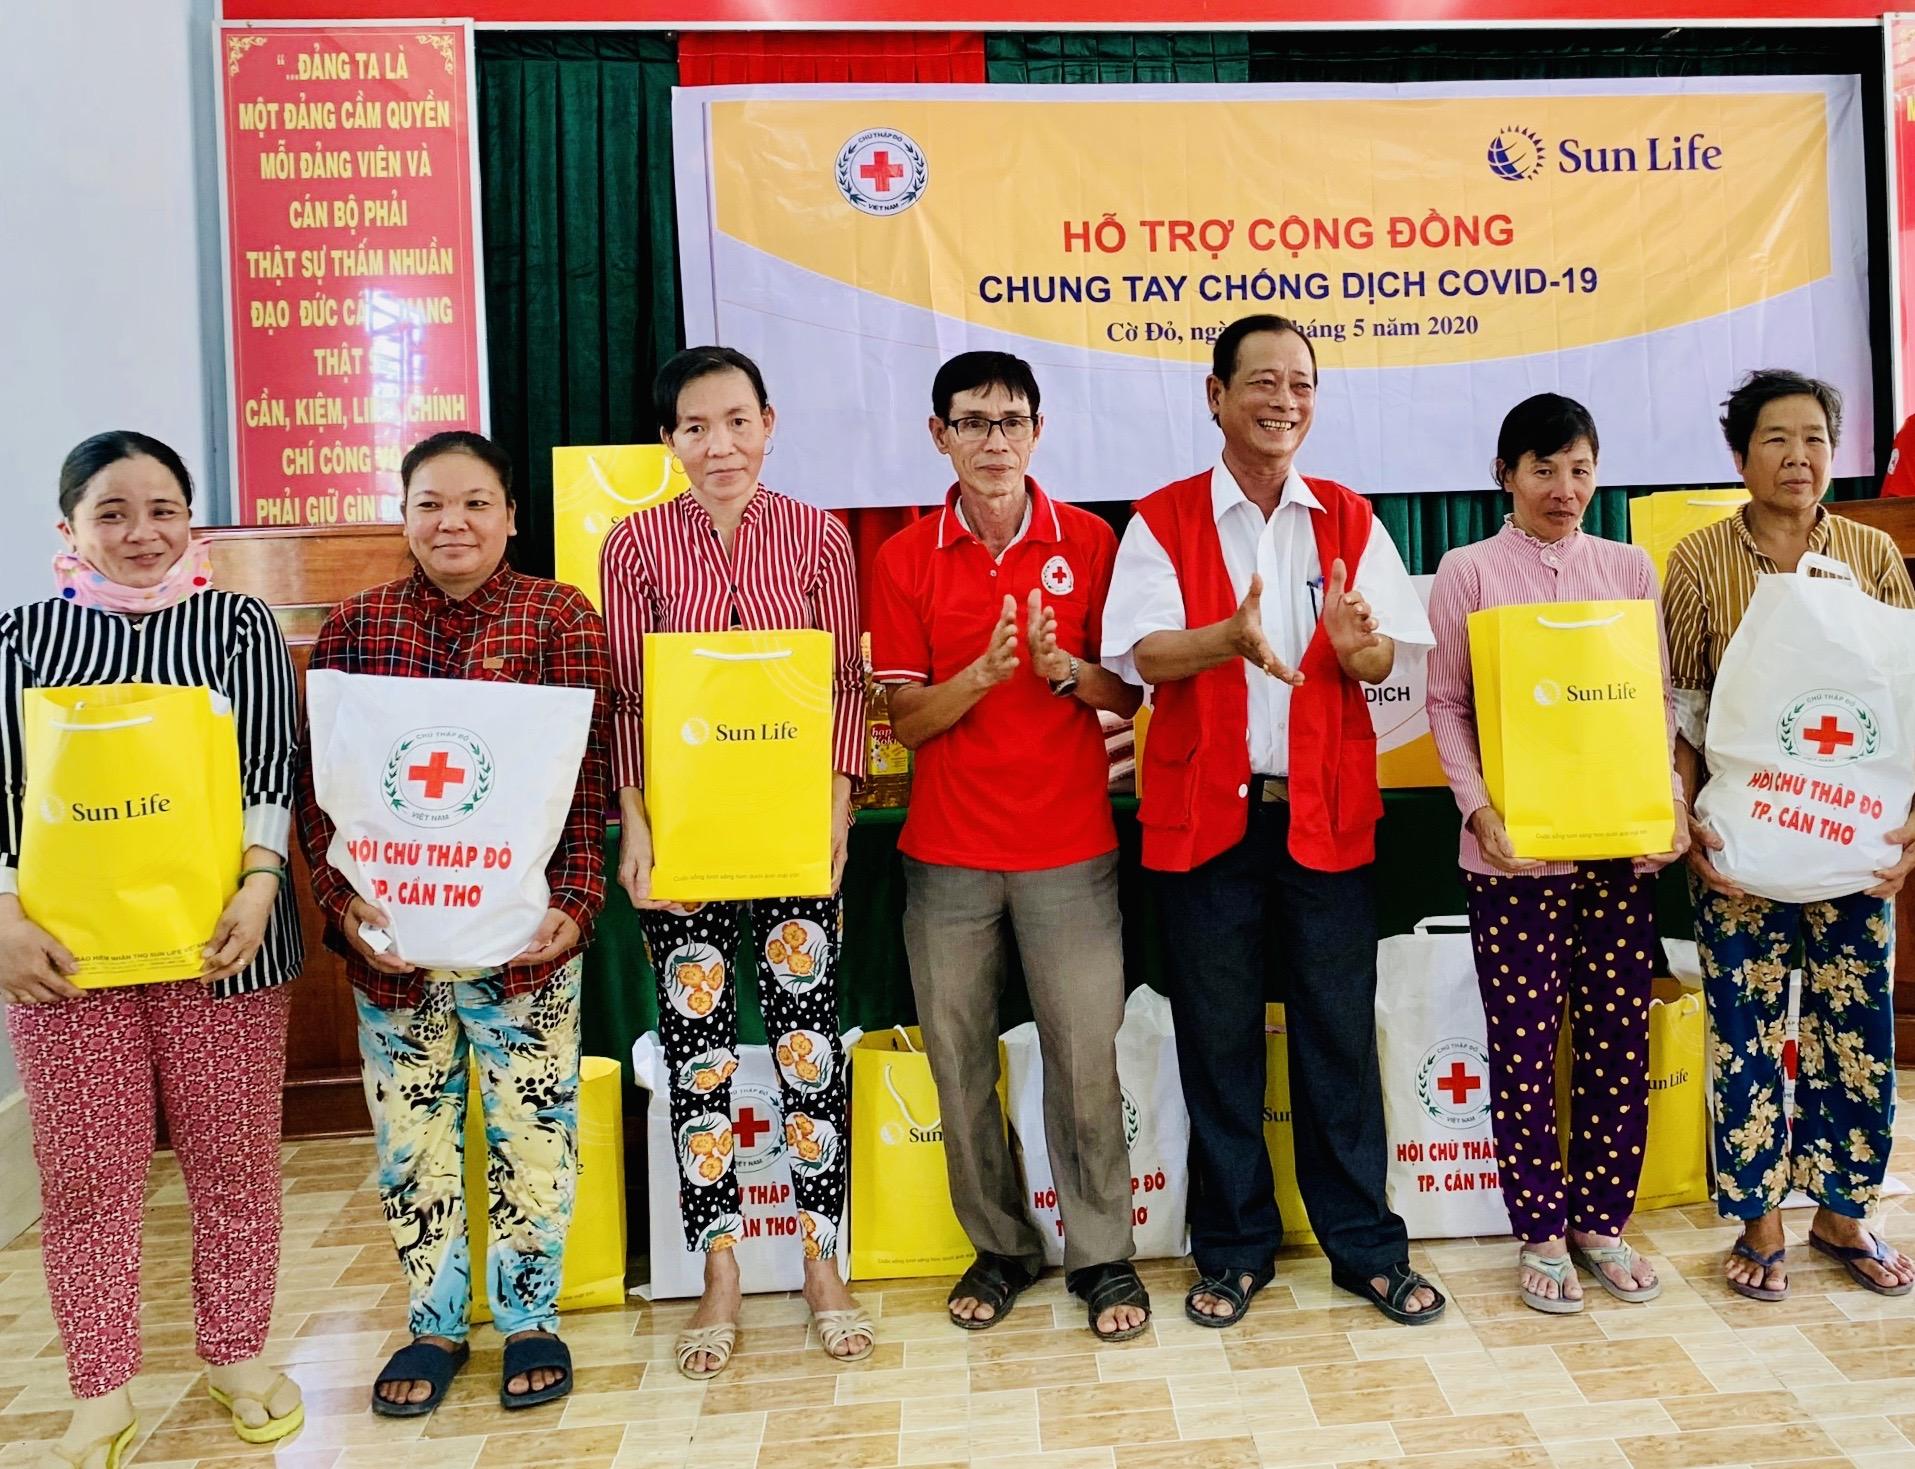 Sun Life Việt Nam trao quà cho các gia đình bị ảnh hưởng bởi COVID-19